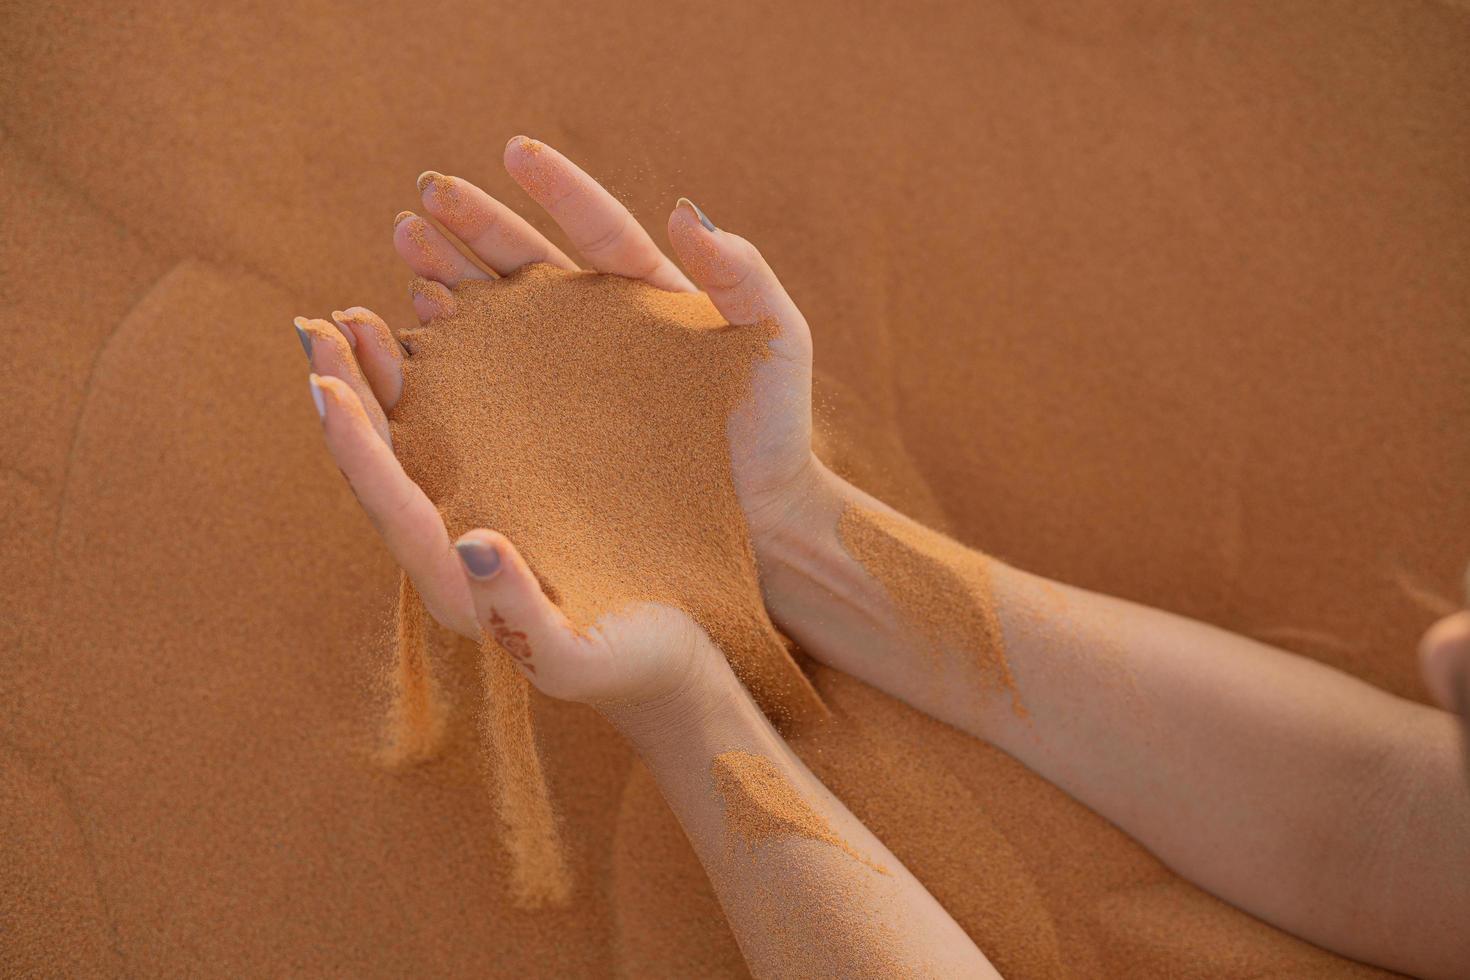 les mains dans le sable photo